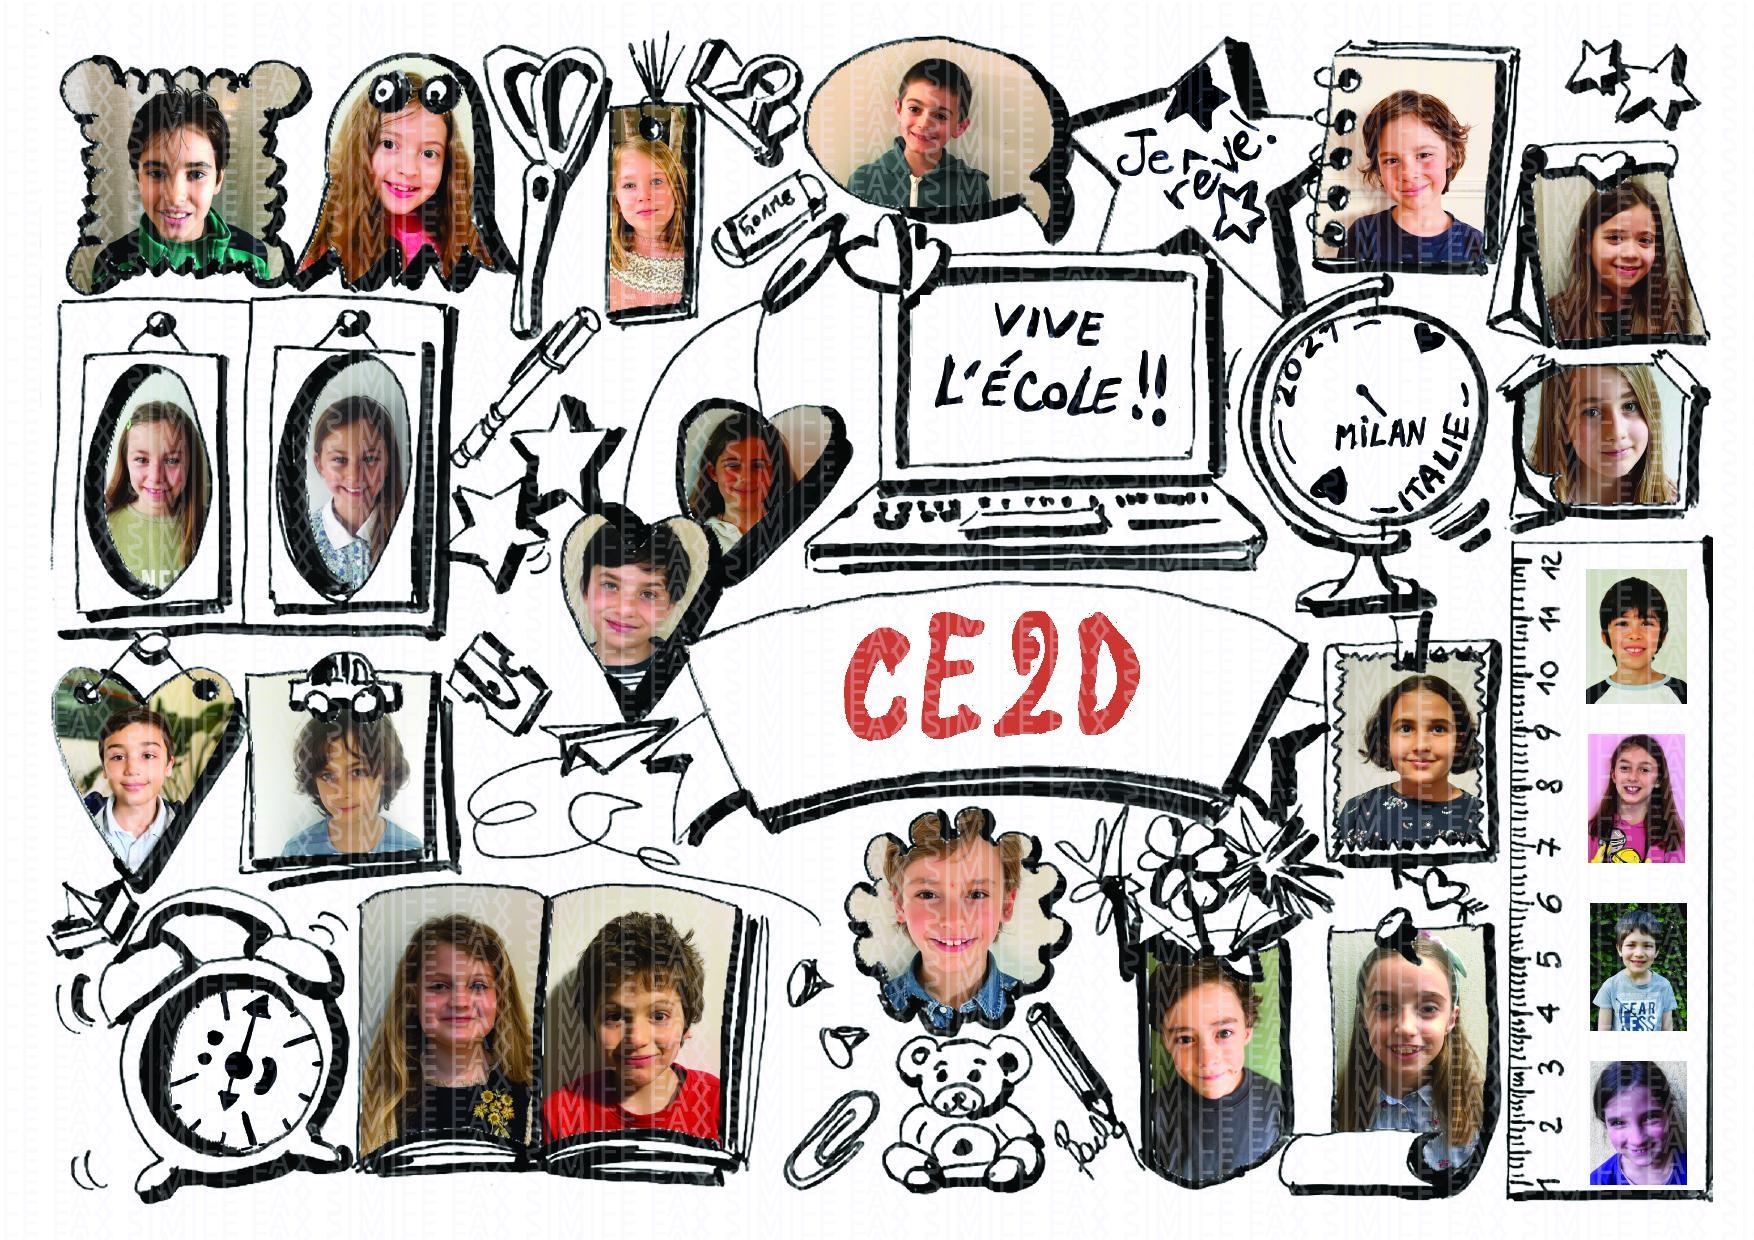 Ce2d copy